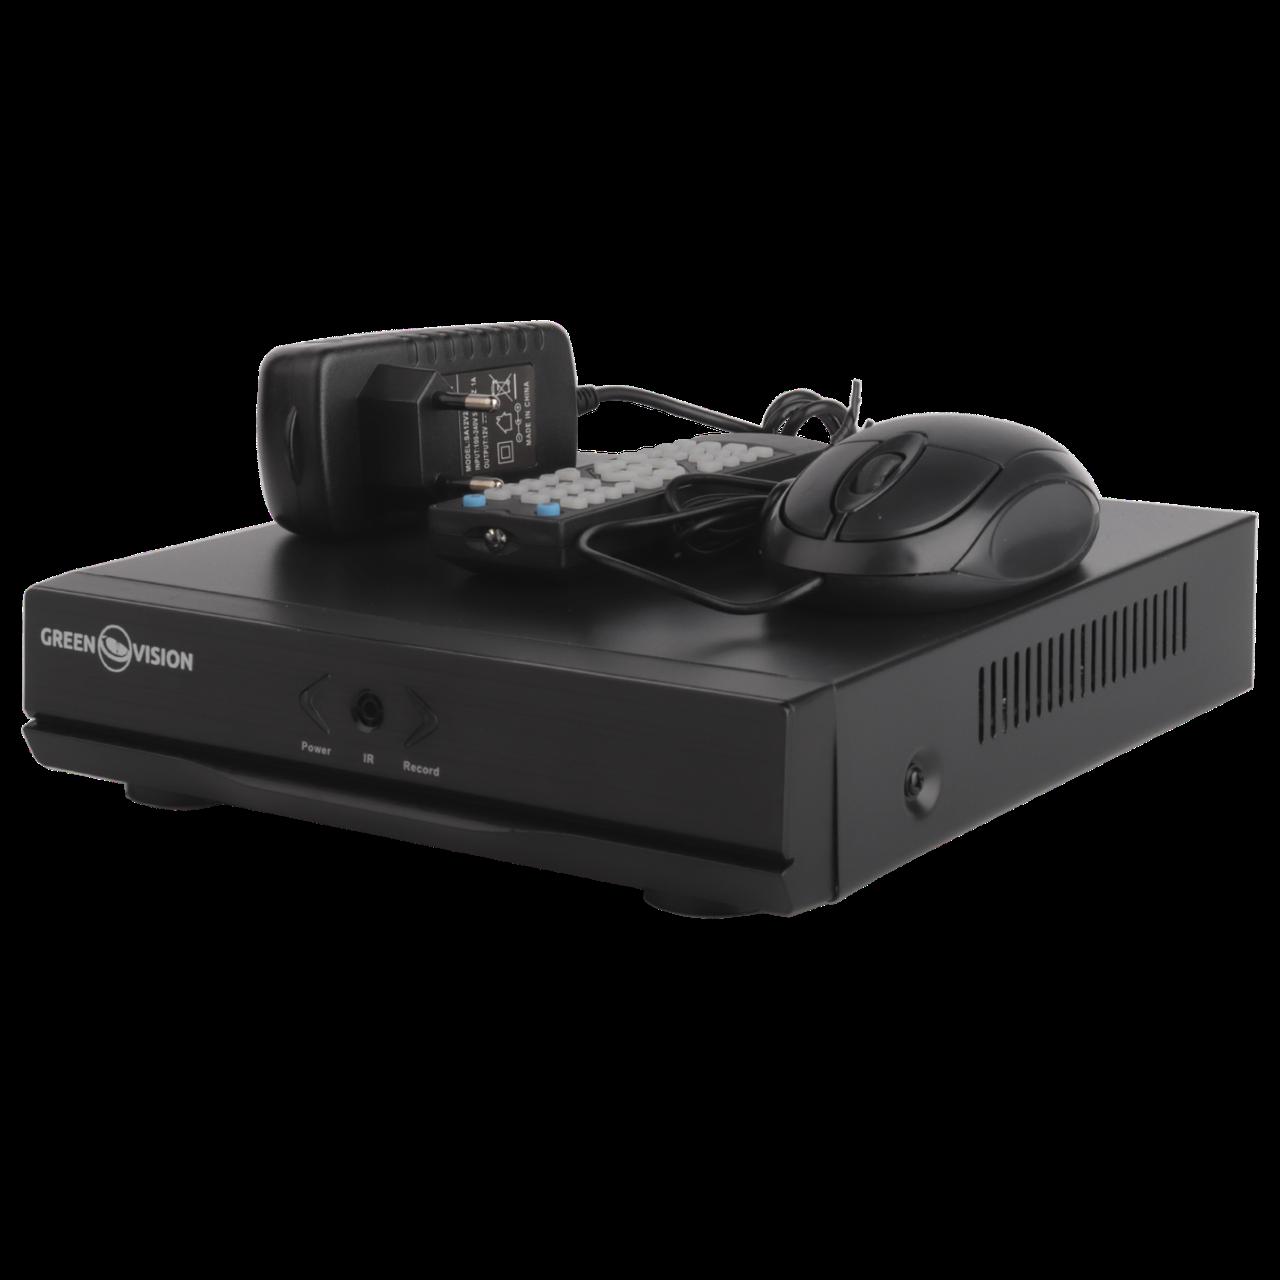 Відеореєстратор для гібридних, AHD і IP камер GREEN VISION GV-A-S032/04 1080N